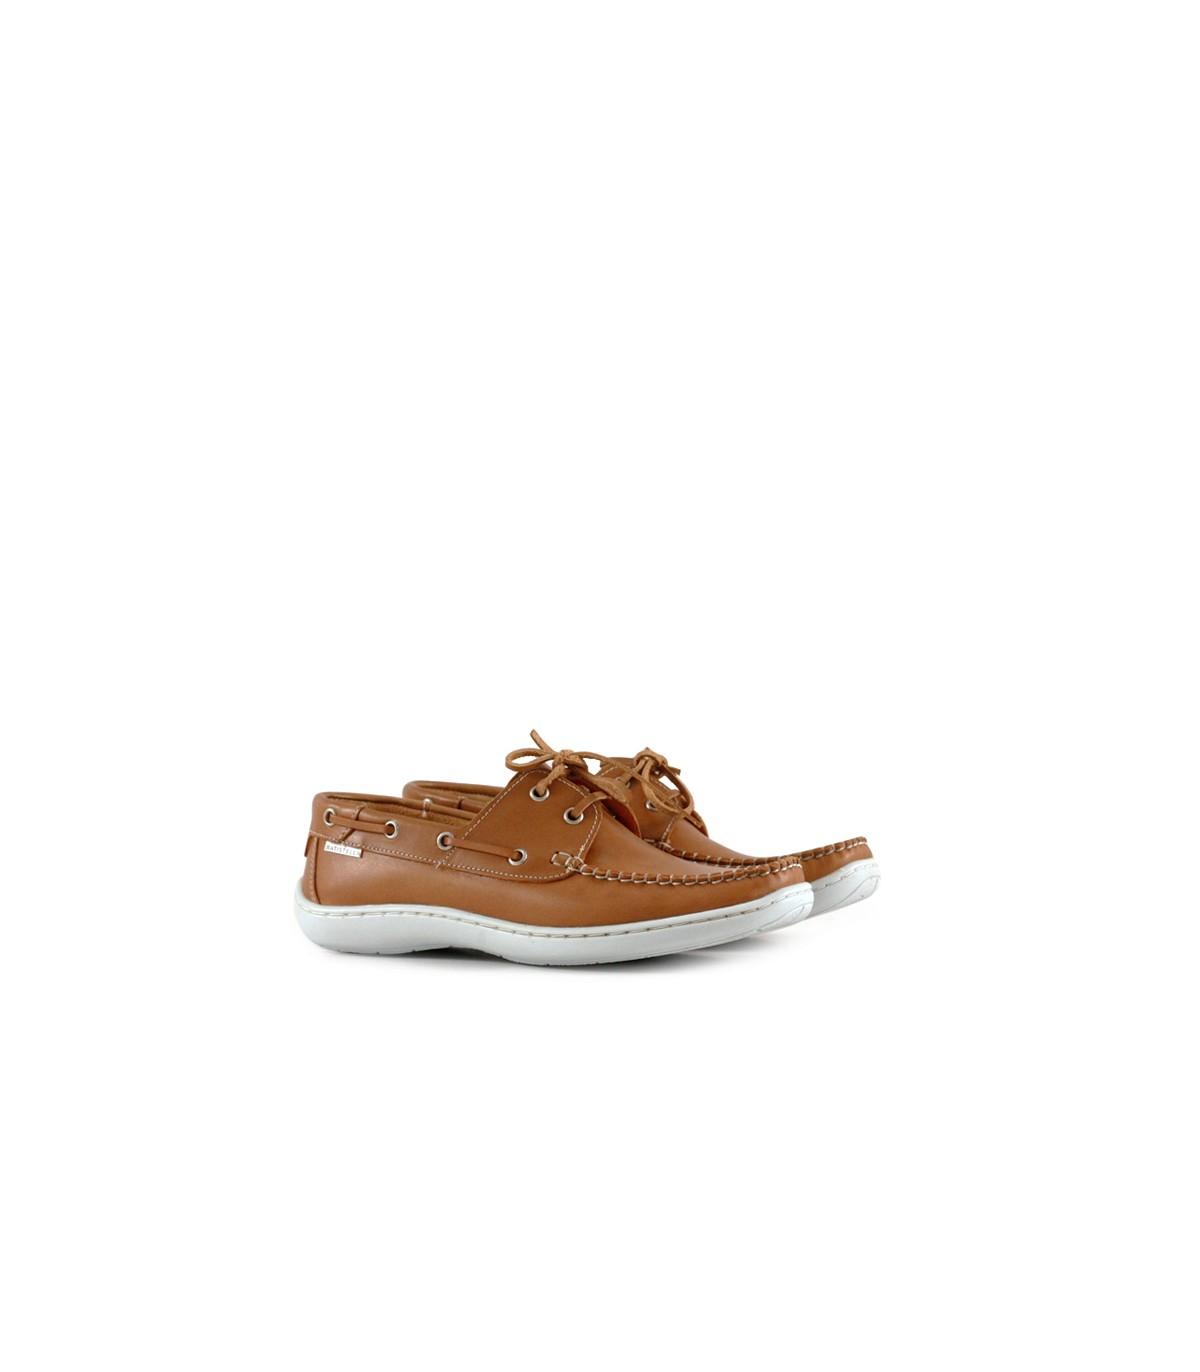 7fc32d40 Zapatos náuticos de cuero suela | Hombres | Batistella